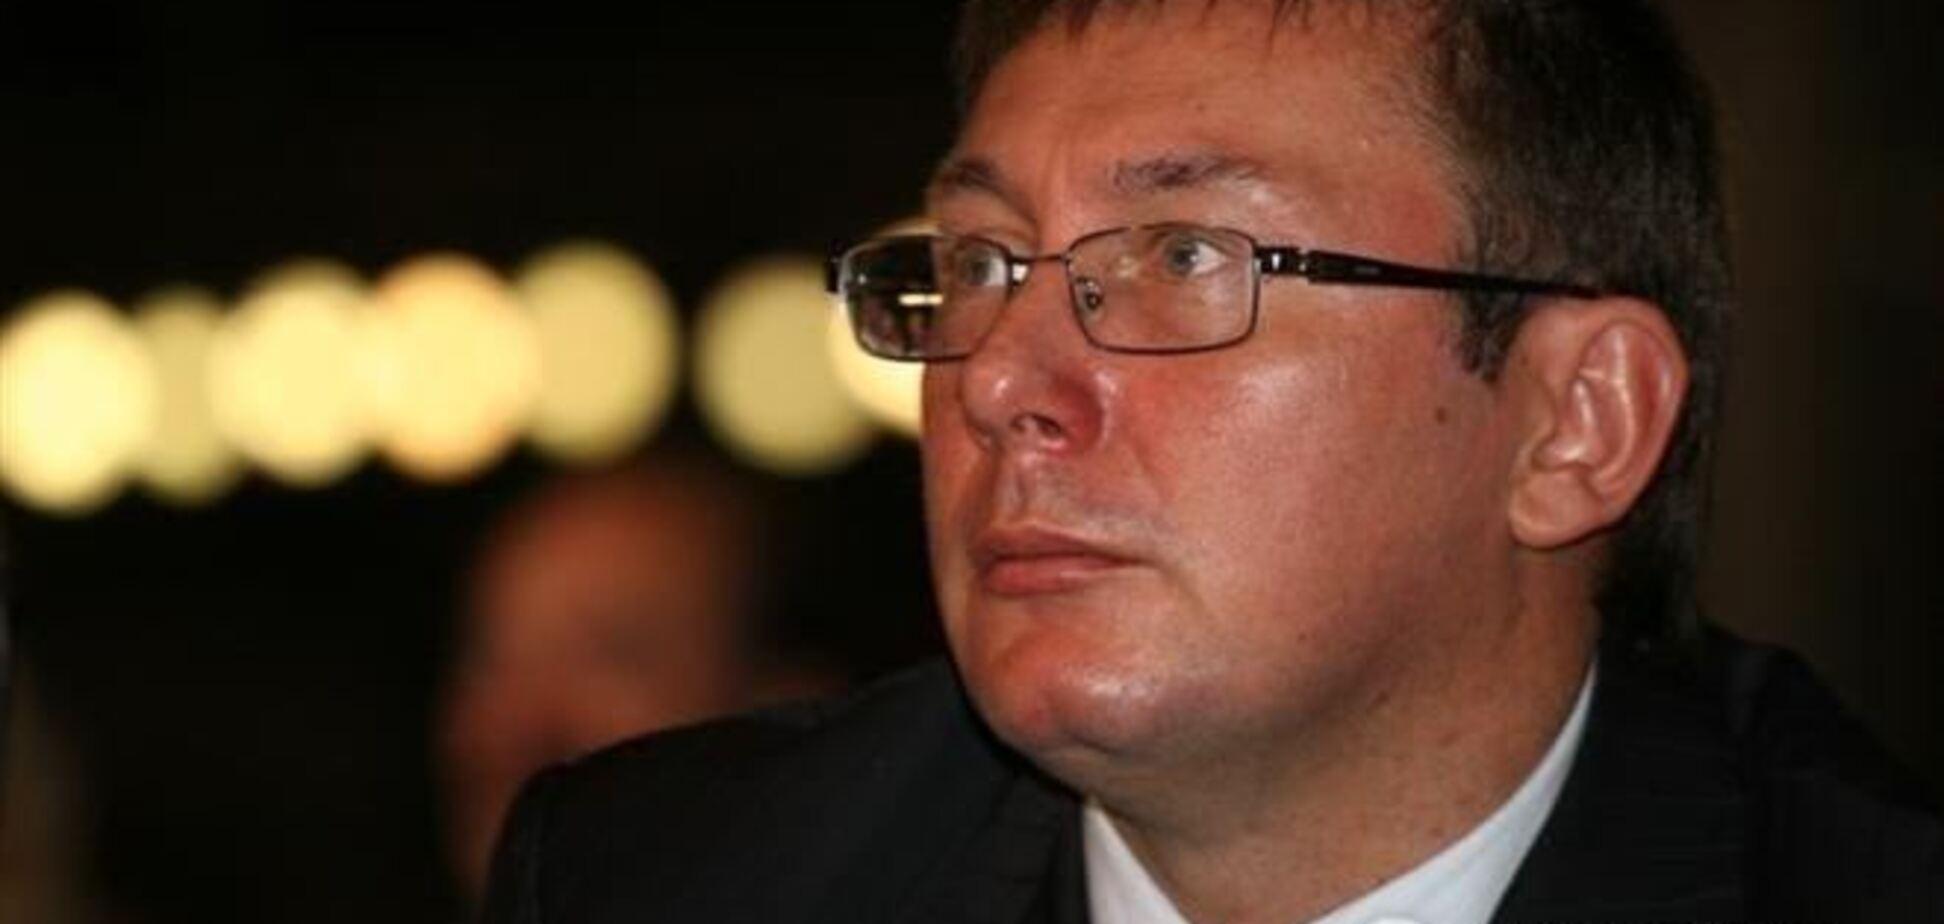 Тимошенко настаивает на назначении Луценко главой КГГА - СМИ